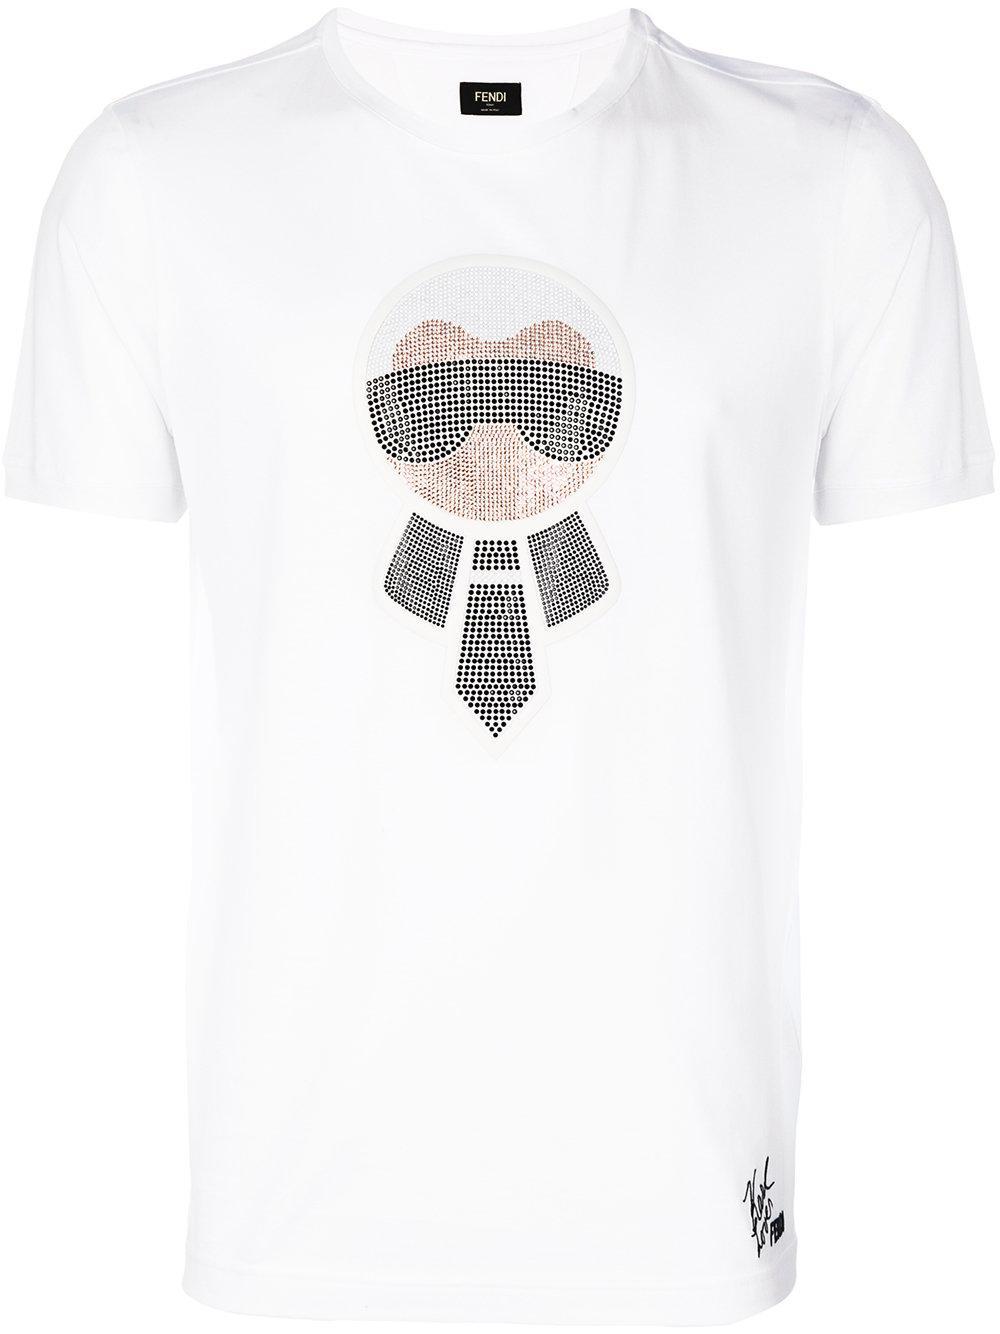 Fendi Karlito T Shirt In White For Men Lyst